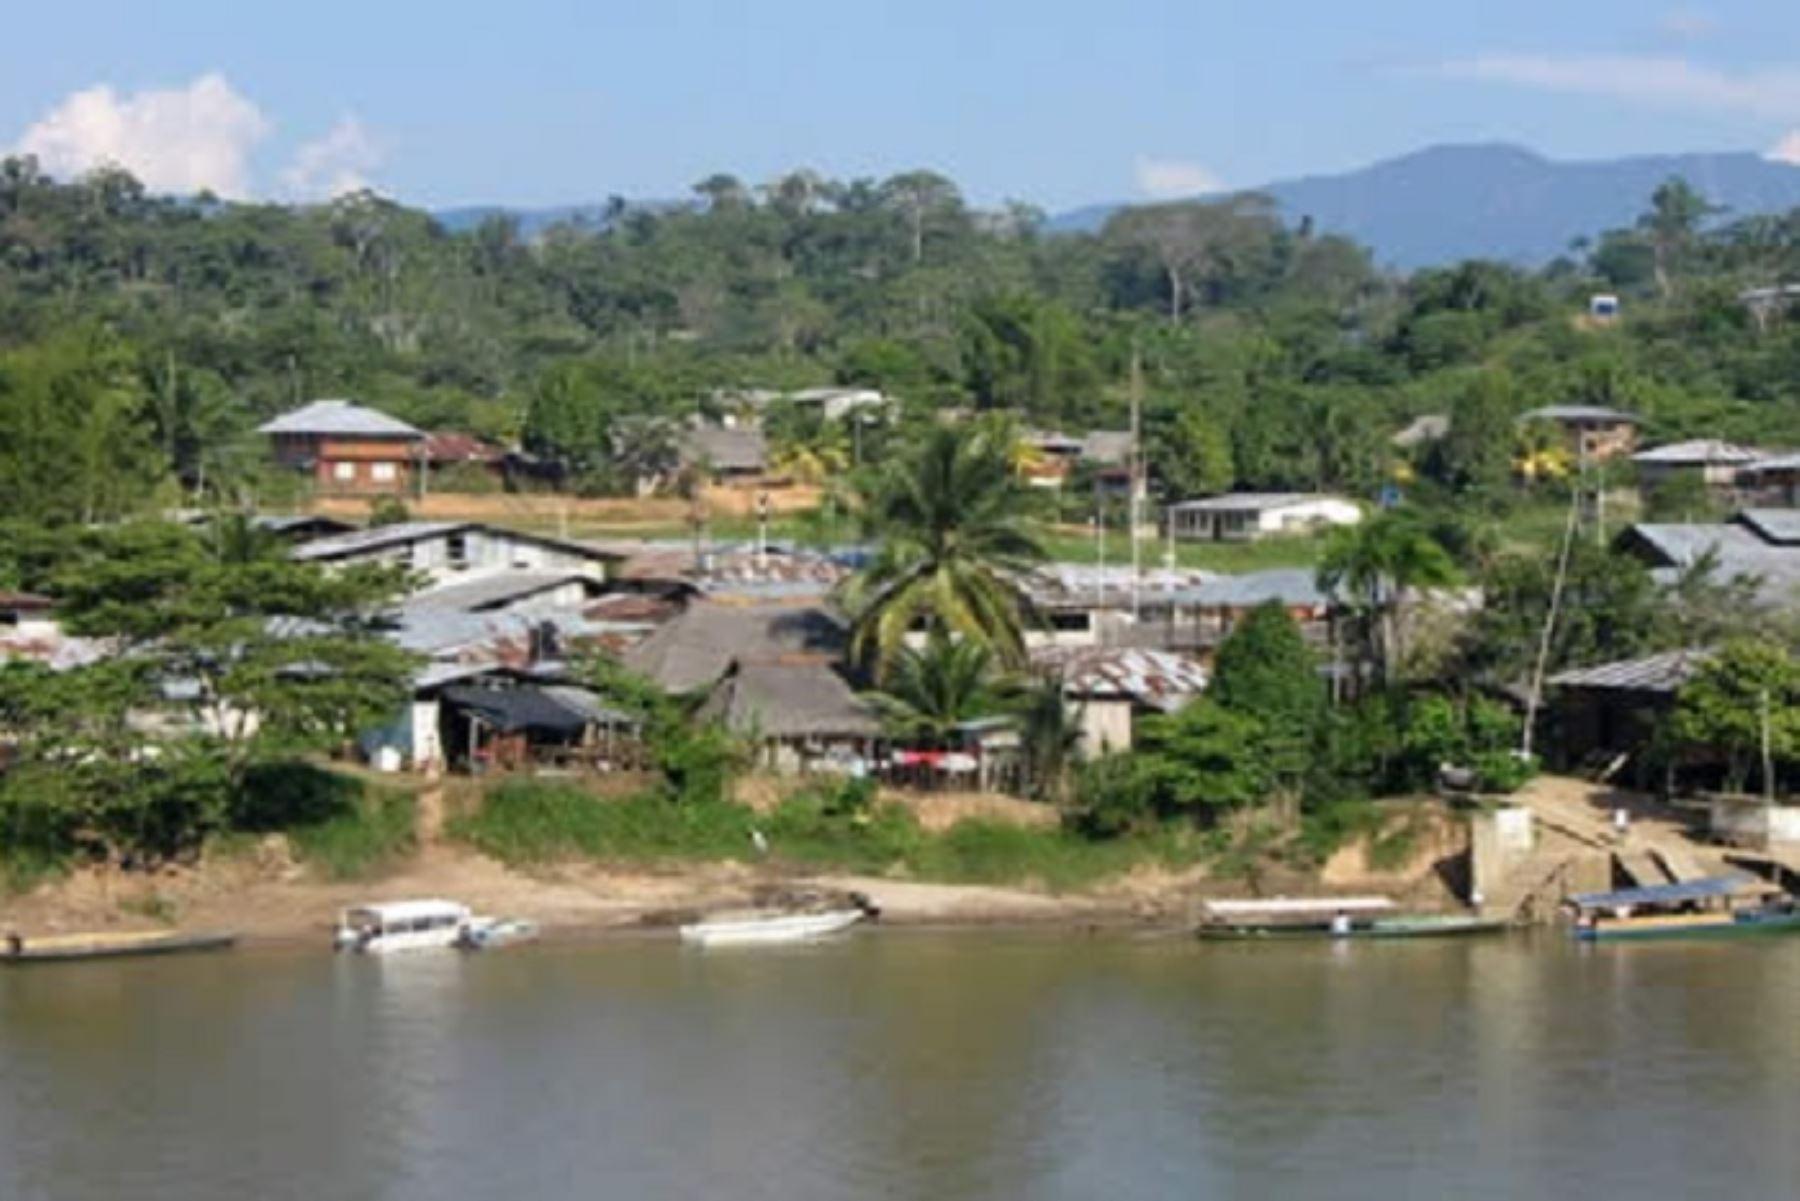 Hasta el momento no se han reportado daños por el temblor de magnitud 5.5 registrado esta mañana a 69 kilómetros al suroeste de Santa María de Nieva, capital de la provincia de Condorcanqui, en la región Amazonas, según el reporte preliminar del Instituto Nacional de Defensa Civil (Indeci).